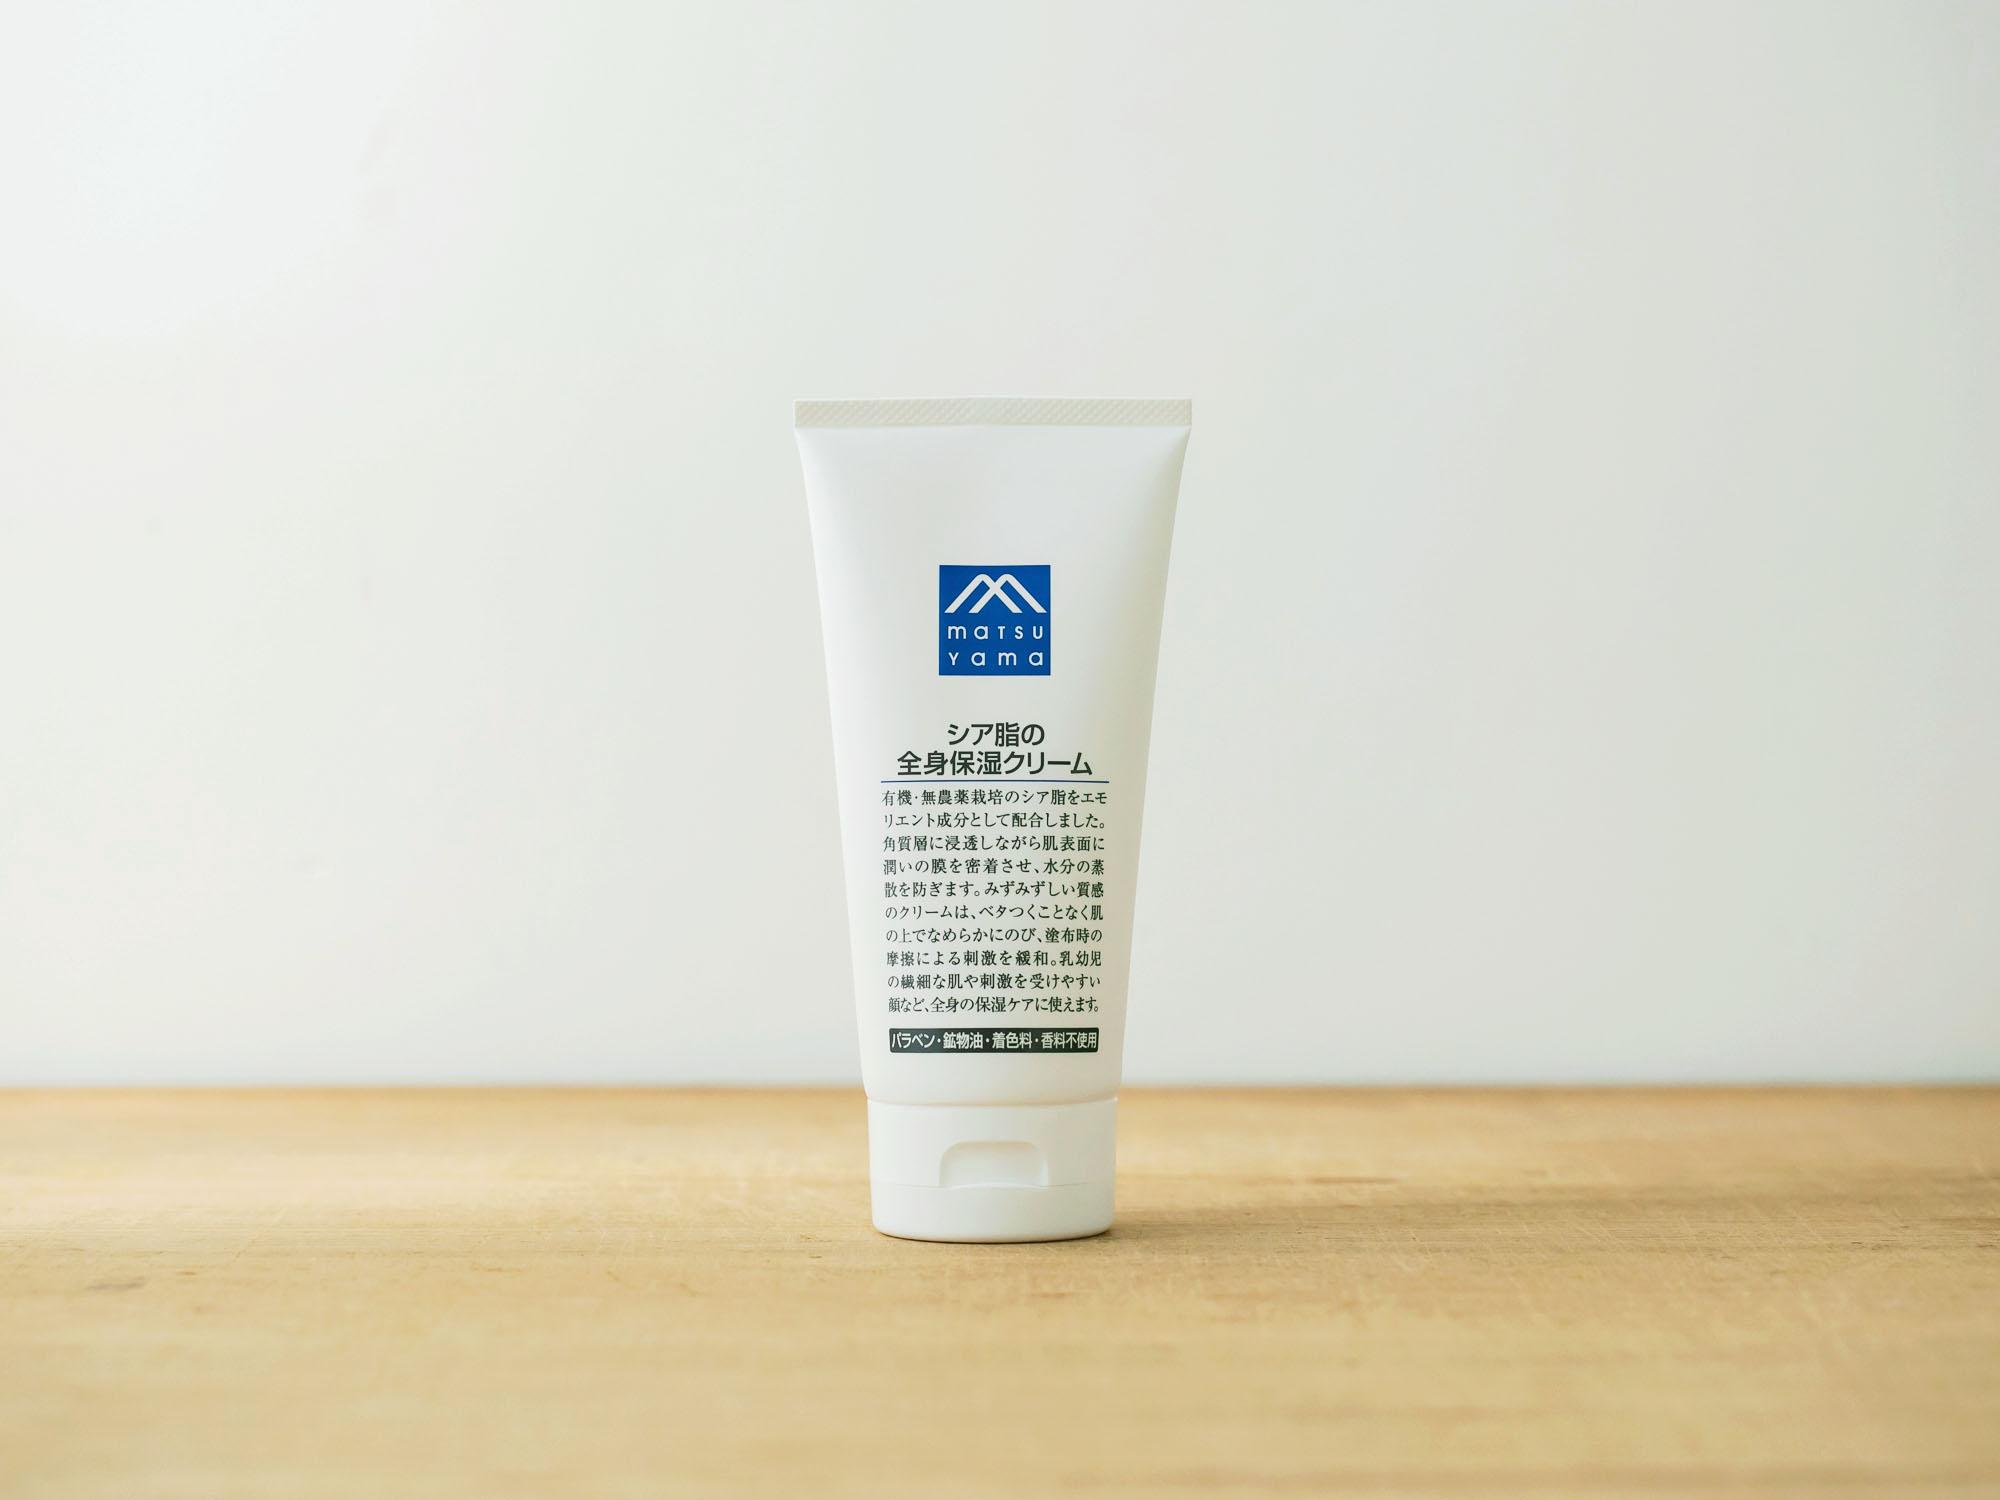 松山油脂 M-mark シア脂の全身保湿クリーム